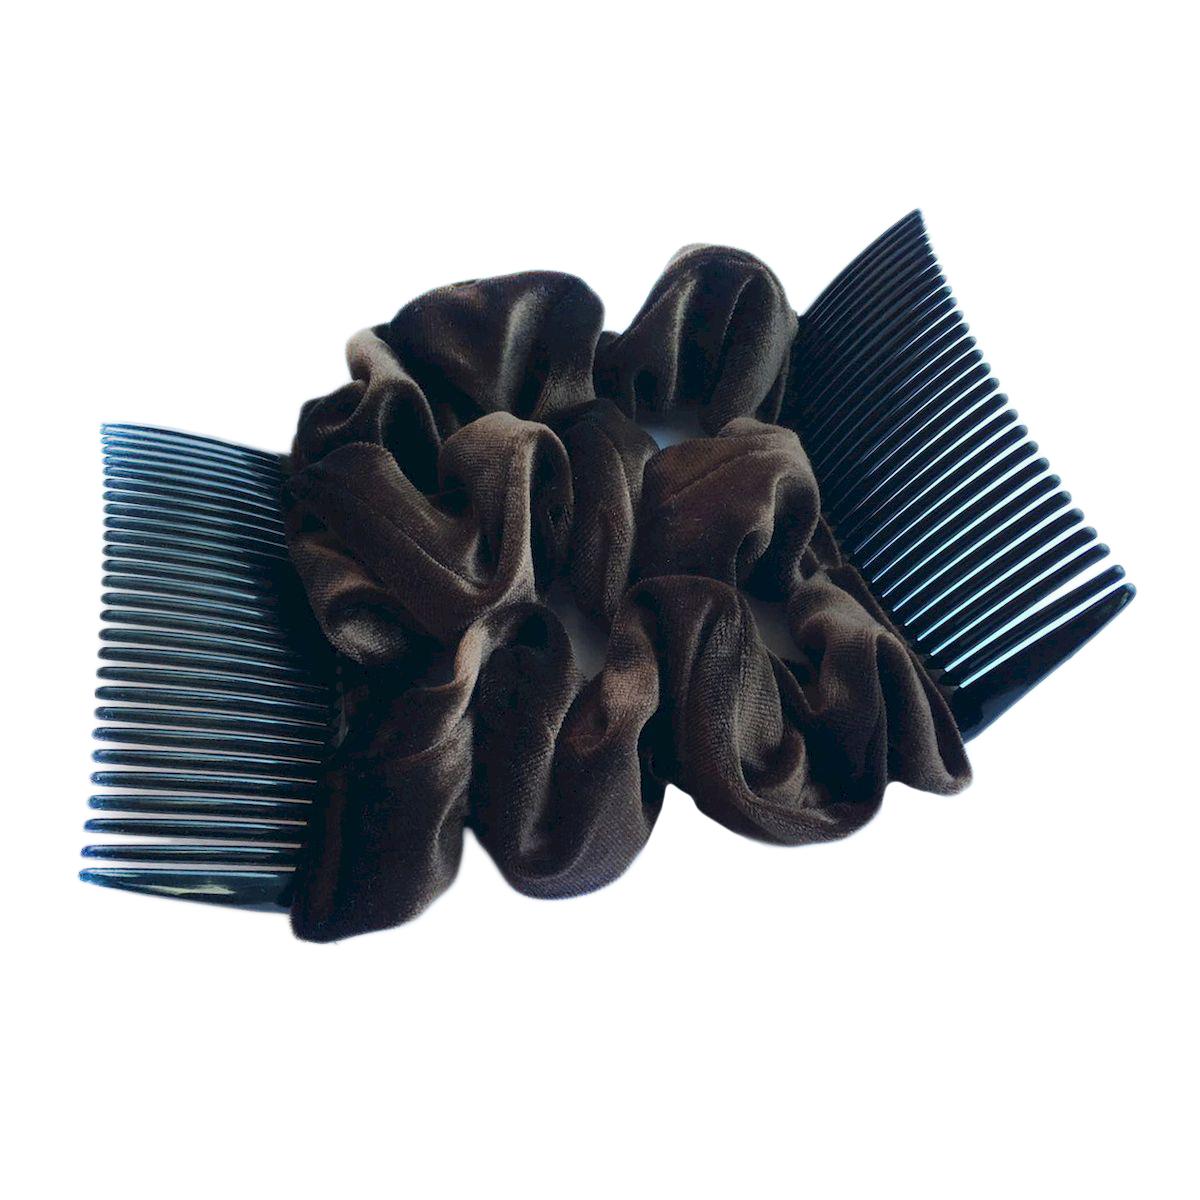 Montar Заколка Монтар, коричневаяЗМТ_кУдобная и практичная MONTAR напоминает Изи Коум. Подходит для любого типа волос: тонких, жестких, вьющихся или прямых, и не наносит им никакого вреда. Заколка не мешает движениям головы и не создает дискомфорта, когда вы отдыхаете или управляете автомобилем. Каждый гребень имеет по 20 зубьев для надежной фиксации заколки на волосах! И даже во время бега и интенсивных тренировок в спортзале Изи Коум не падает; она прочно фиксирует прическу, сохраняя укладку в первозданном виде. Небольшая и легкая заколка поместится в любой дамской сумочке, позволяя быстро и без особых усилий создавать неповторимые прически там, где вам это удобно. Гребень прекрасно сочетается с любой одеждой: будь это классический или спортивный стиль, завершая гармоничный облик современной леди. И неважно, какой образ жизни вы ведете, если у вас есть MONTAR, вы всегда будете выглядеть потрясающе. Применение: 1) Вставьте один из гребней под прическу вогнутой стороной к поверхности головы. ...